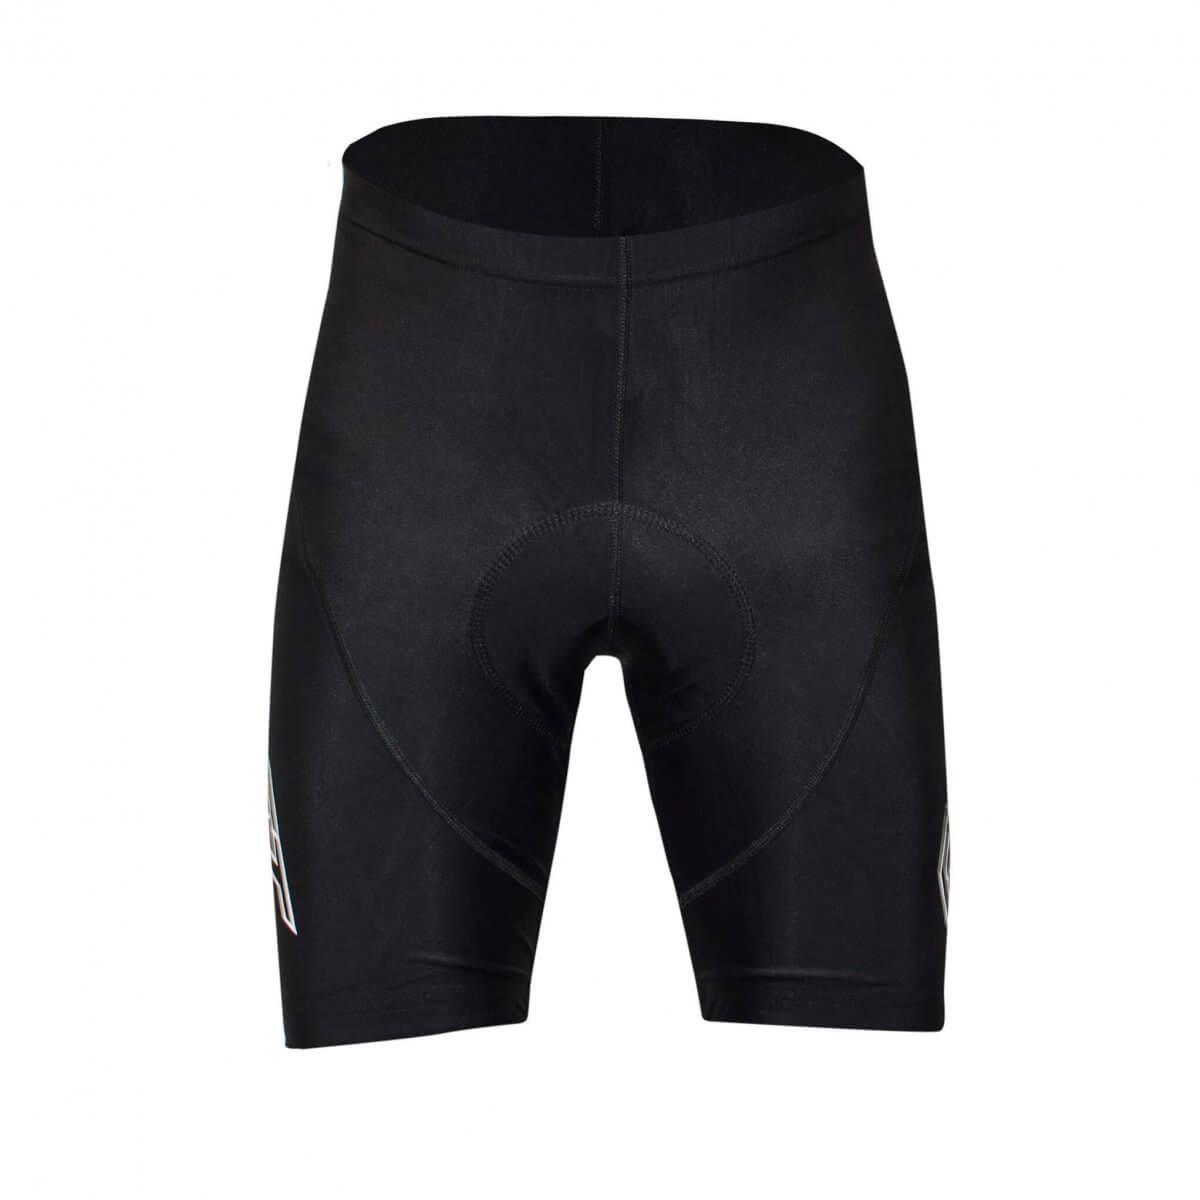 Rst Premium Line 0451 Waist Shorts